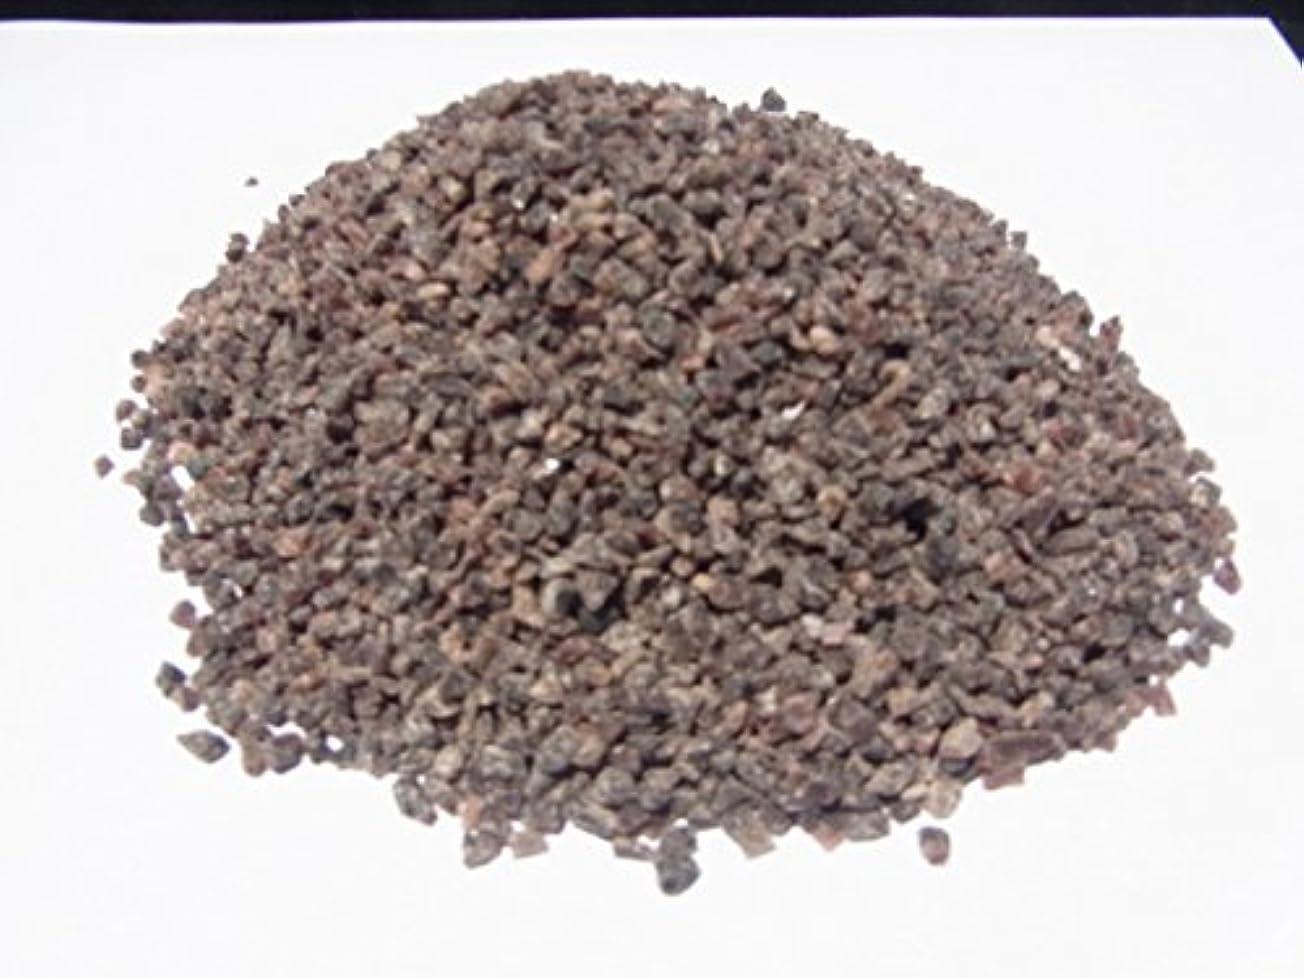 狂人差別化する意志に反するヒマラヤ岩塩1kg【ブラックソルト】 紫岩塩 ザラメ 粗粒 バスソルト